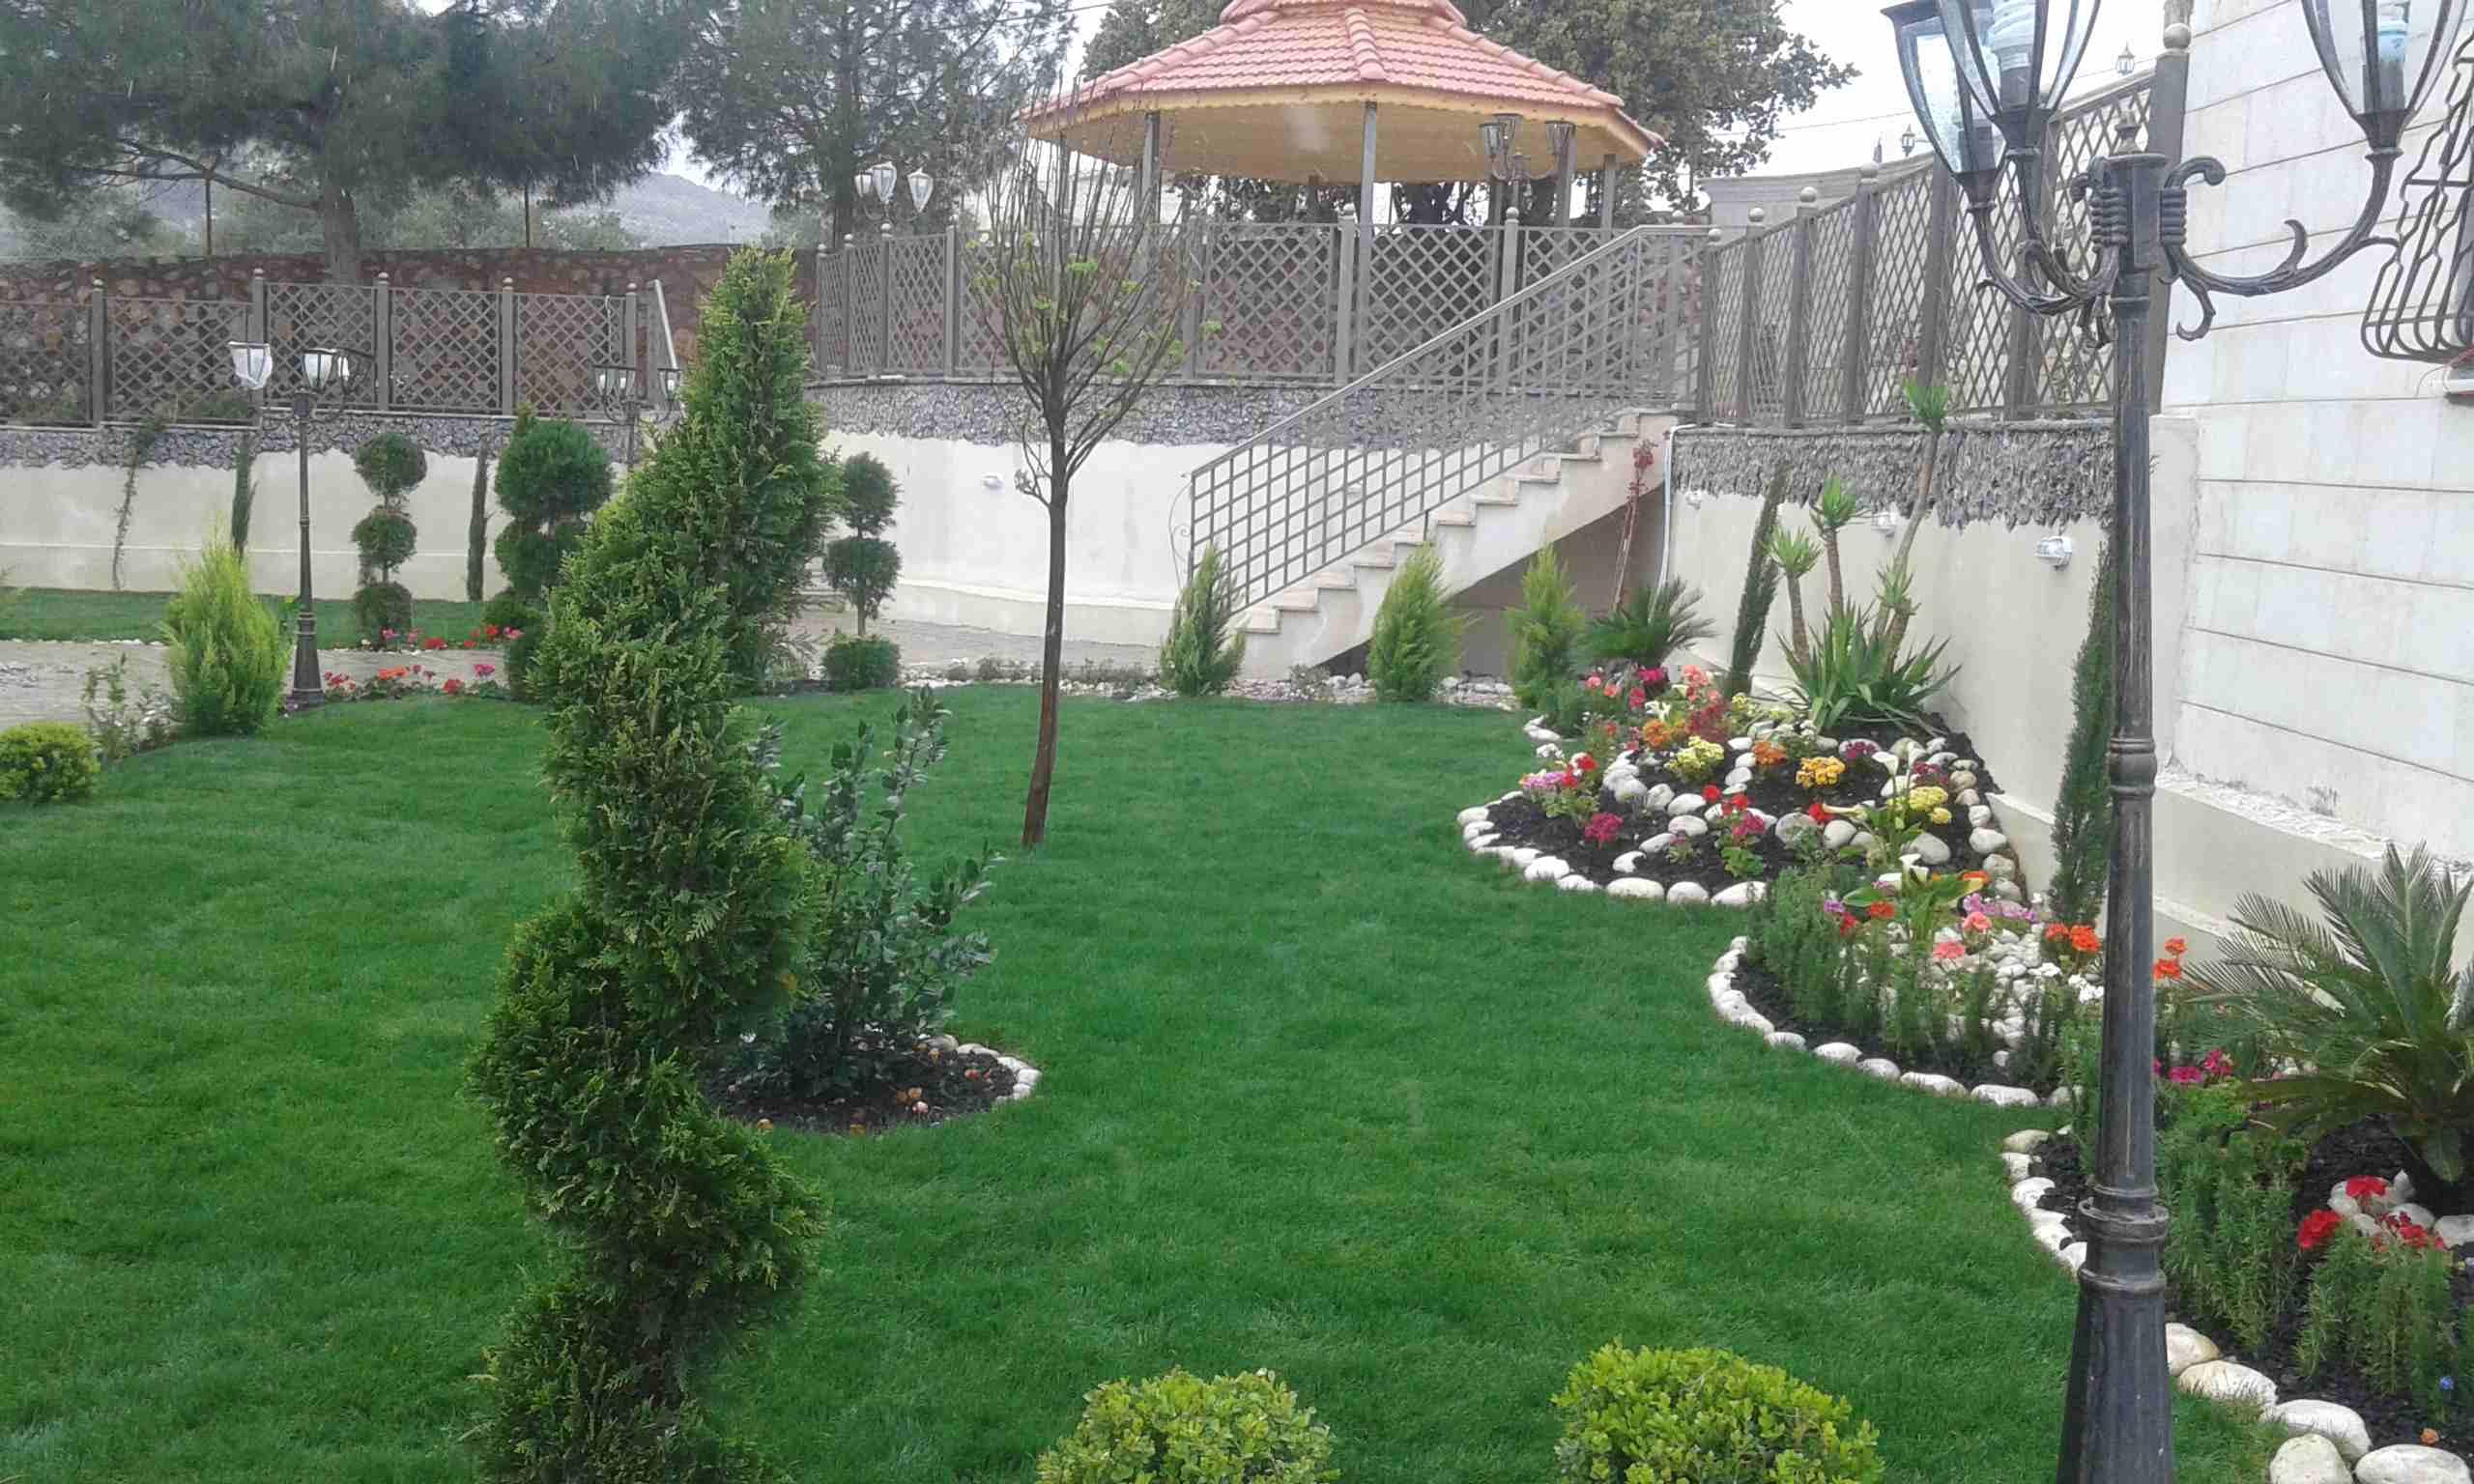 أعمال زراعة وتنسيق الحدائق...